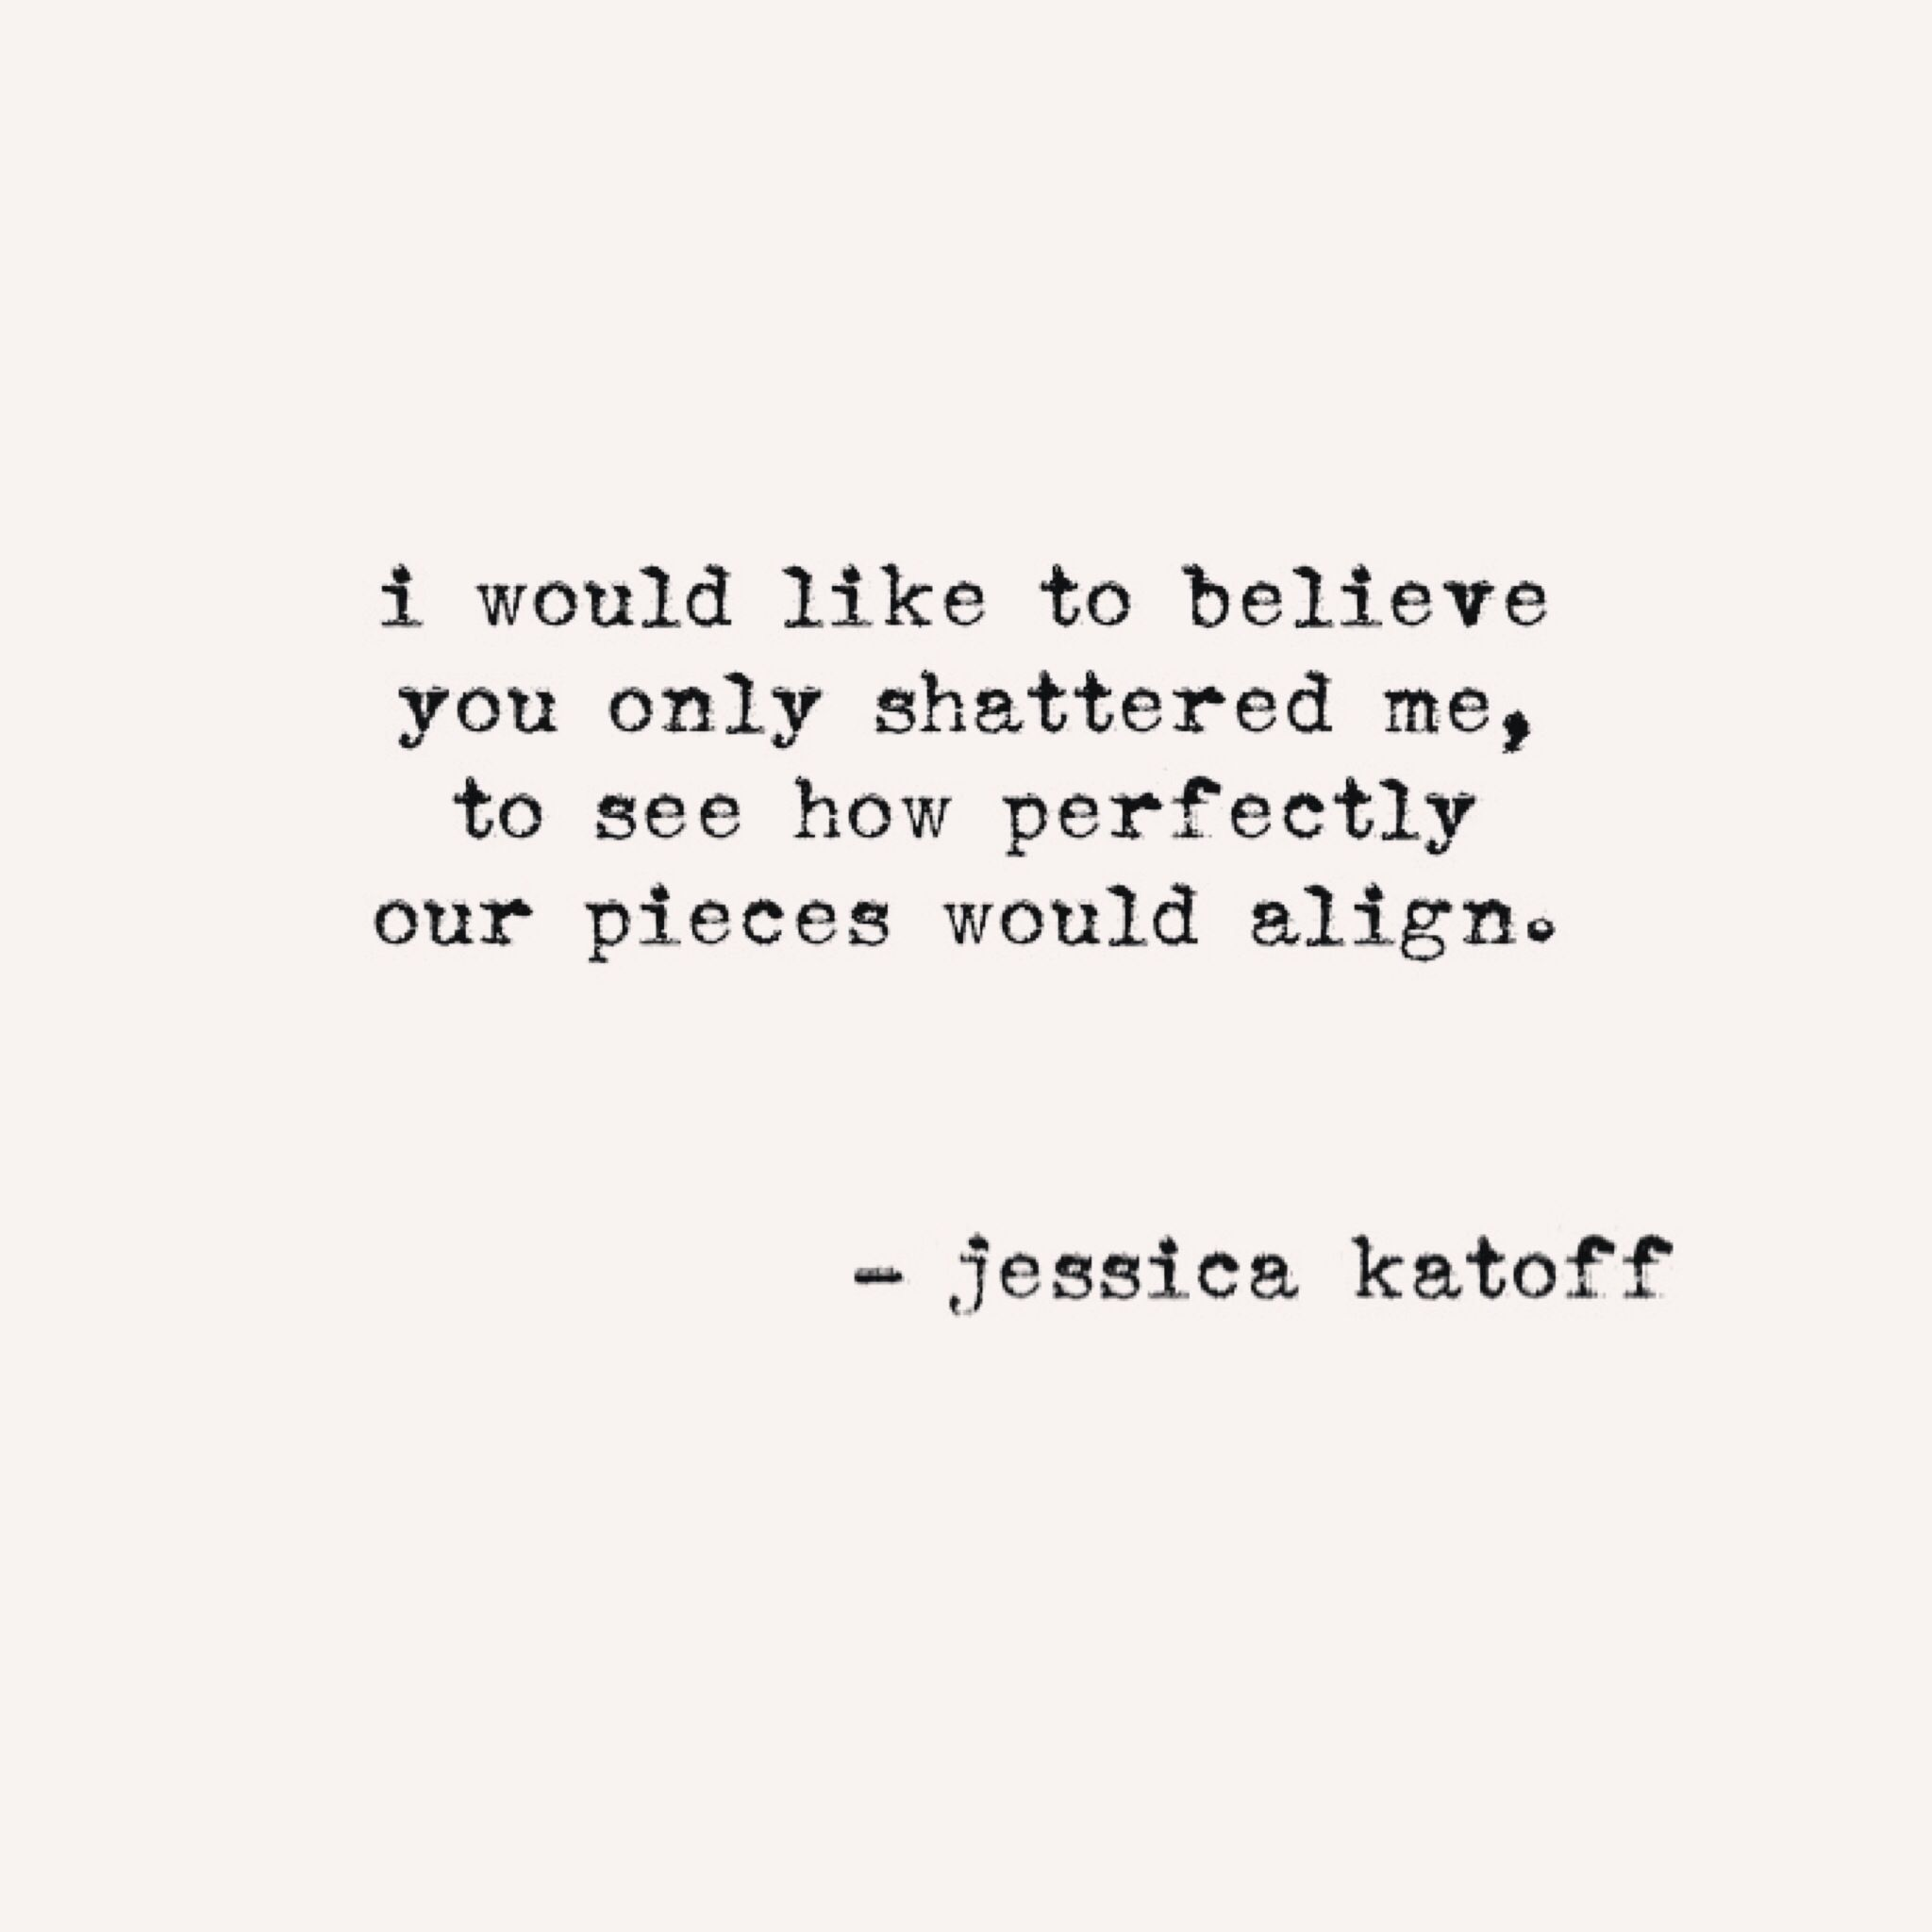 Original Poetry By Jessica Katoff   Http://instagram.com/jessicakatoff